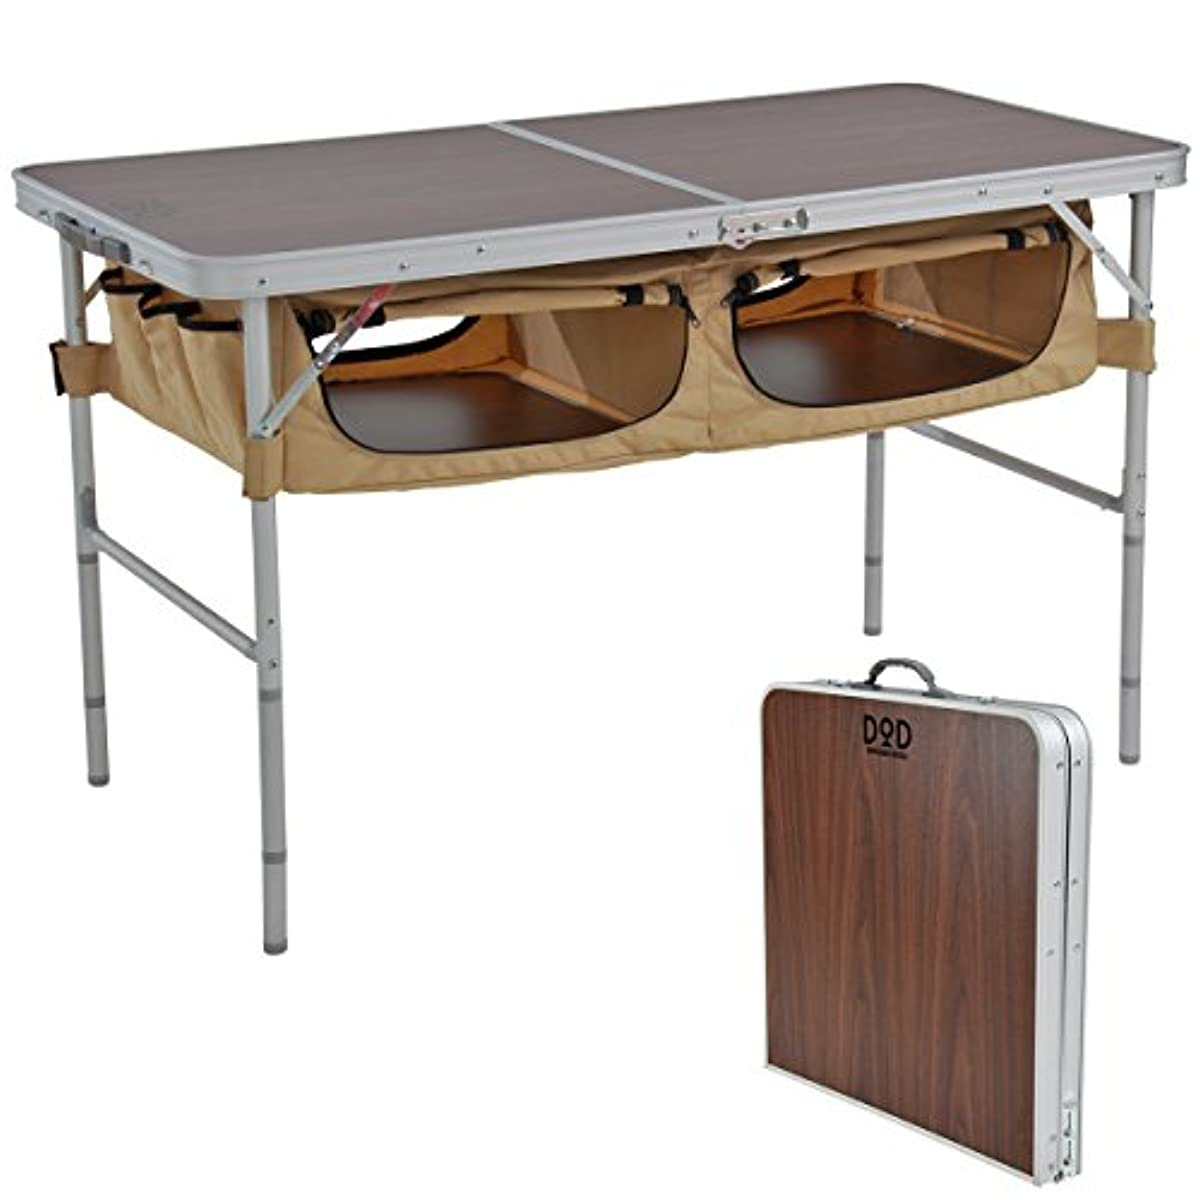 [해외] DODD O D storage 아웃도어 테이블 대용량 수납 텐트 사이트가 깨끗하게 TB5-110 / TB5-110T